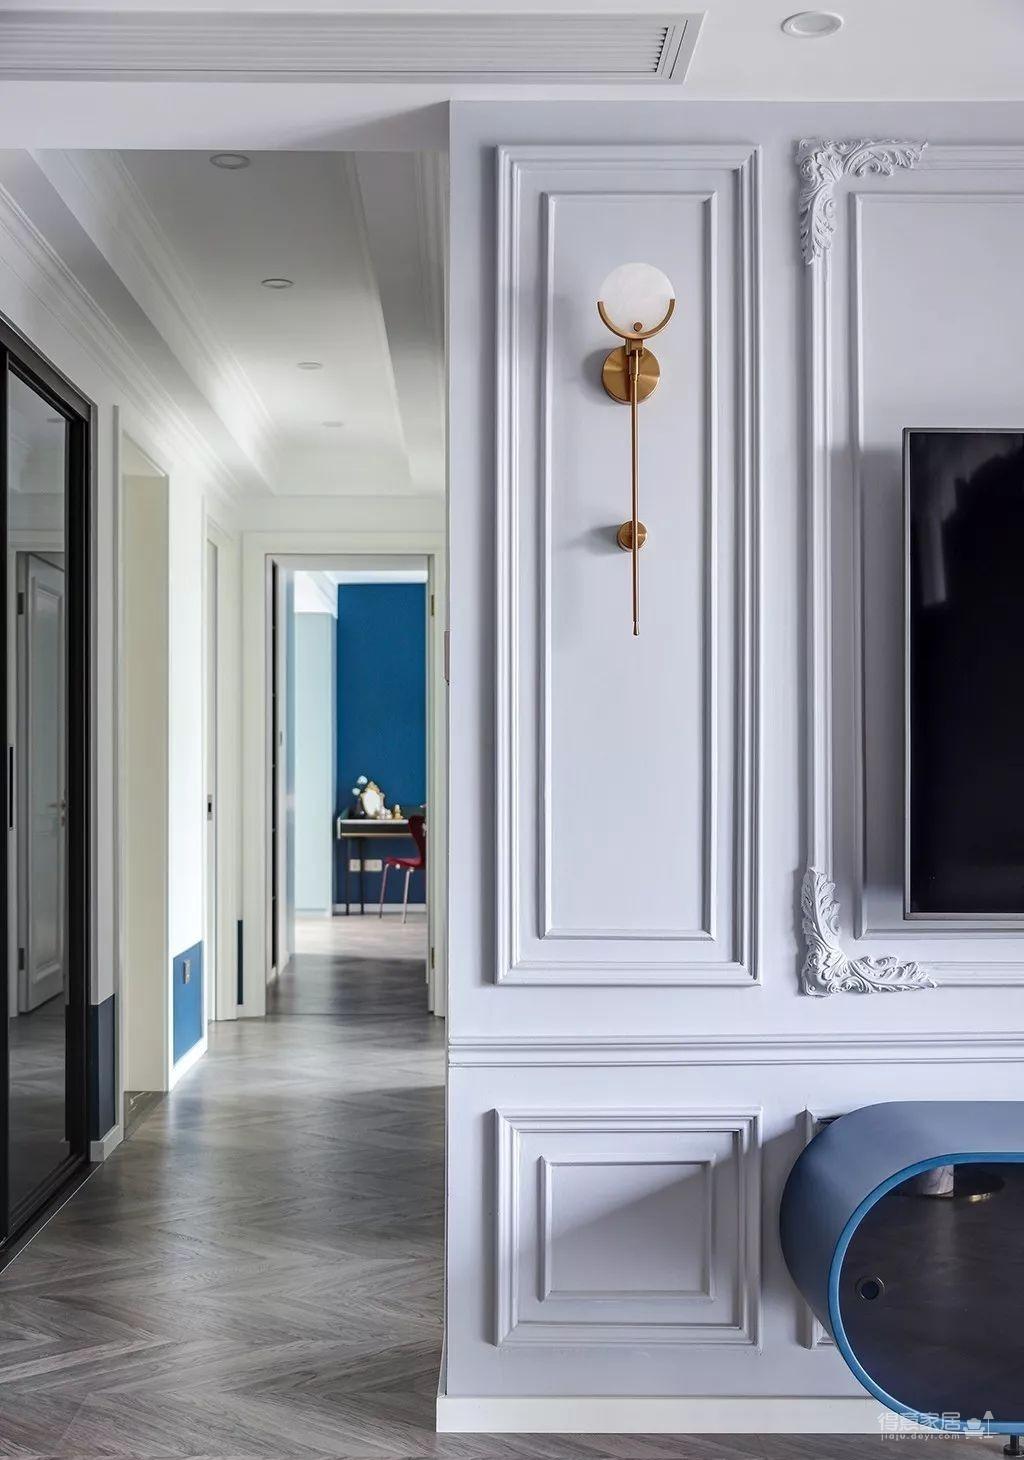 143㎡法式轻奢风格装修,加点色彩、添点格调,美得更高级!图_14